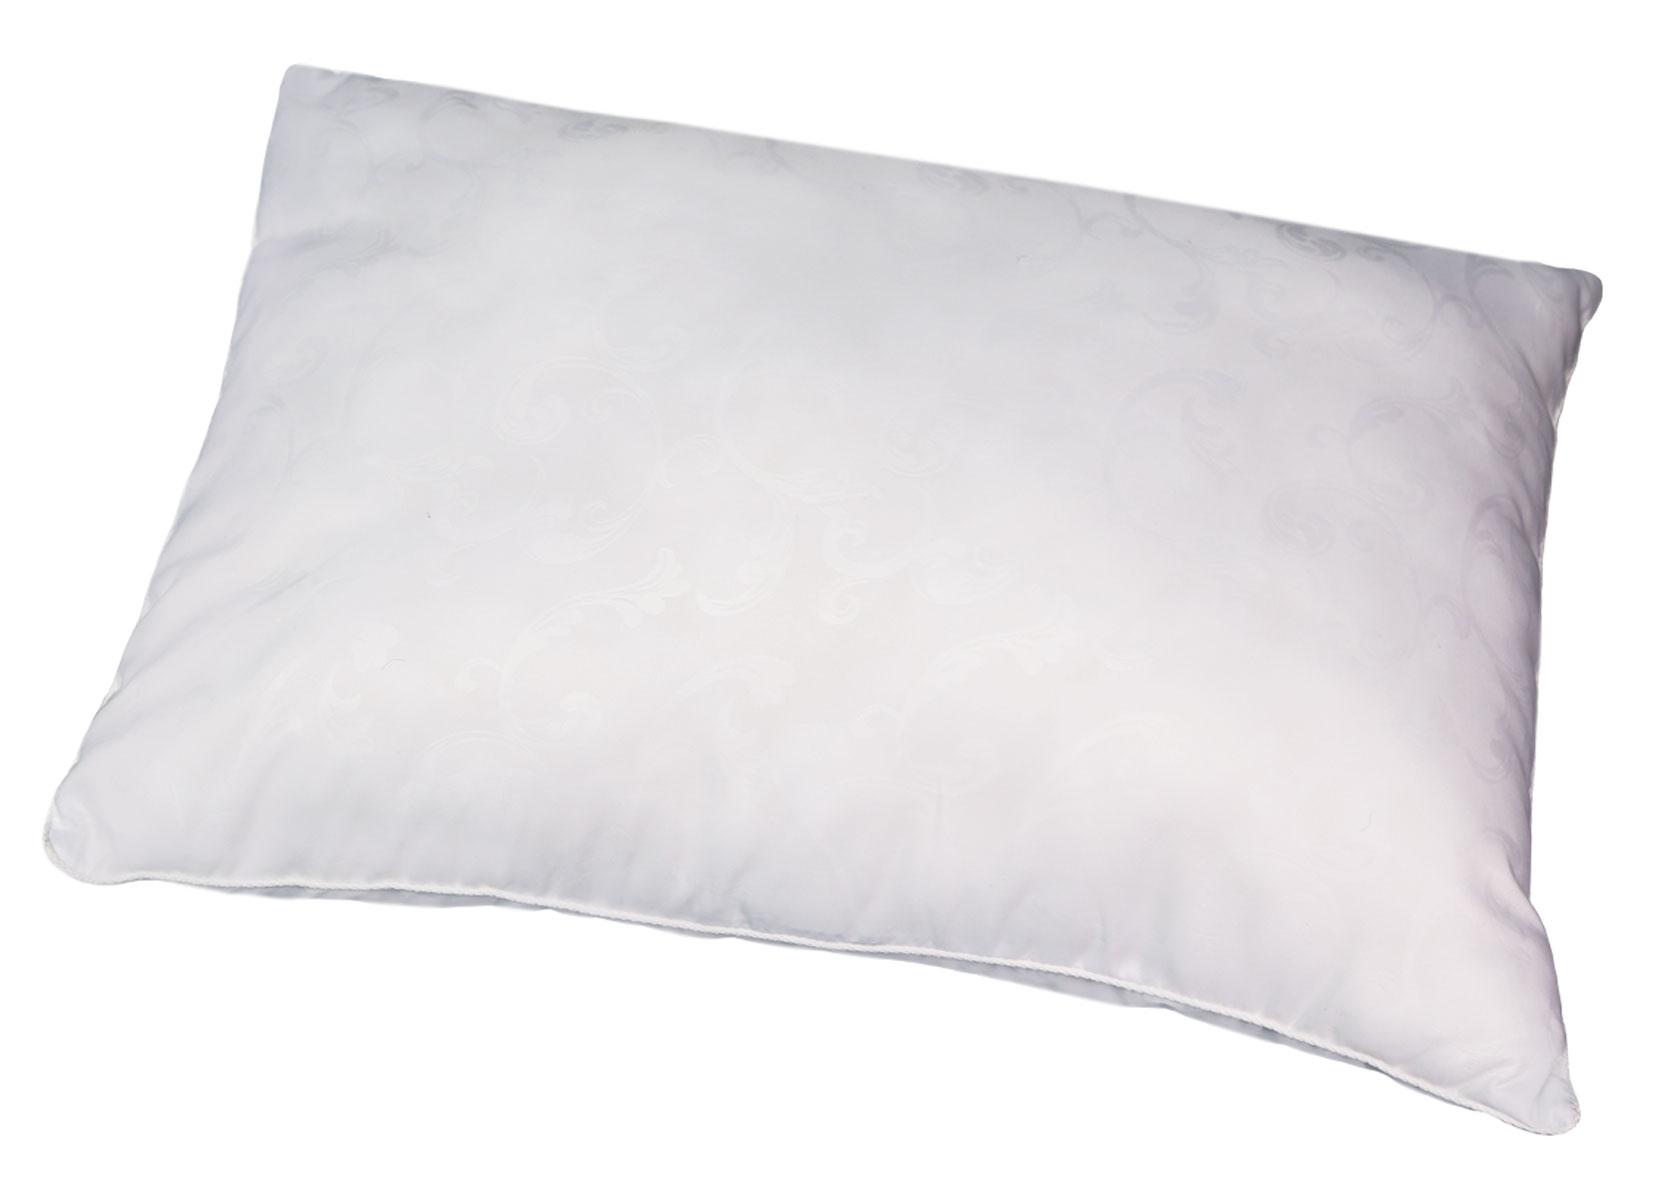 Подушка Bio-Textiles Сила природы, наполнитель: полиэстер, цвет: белый, 50 х 70 см. SP677SP677